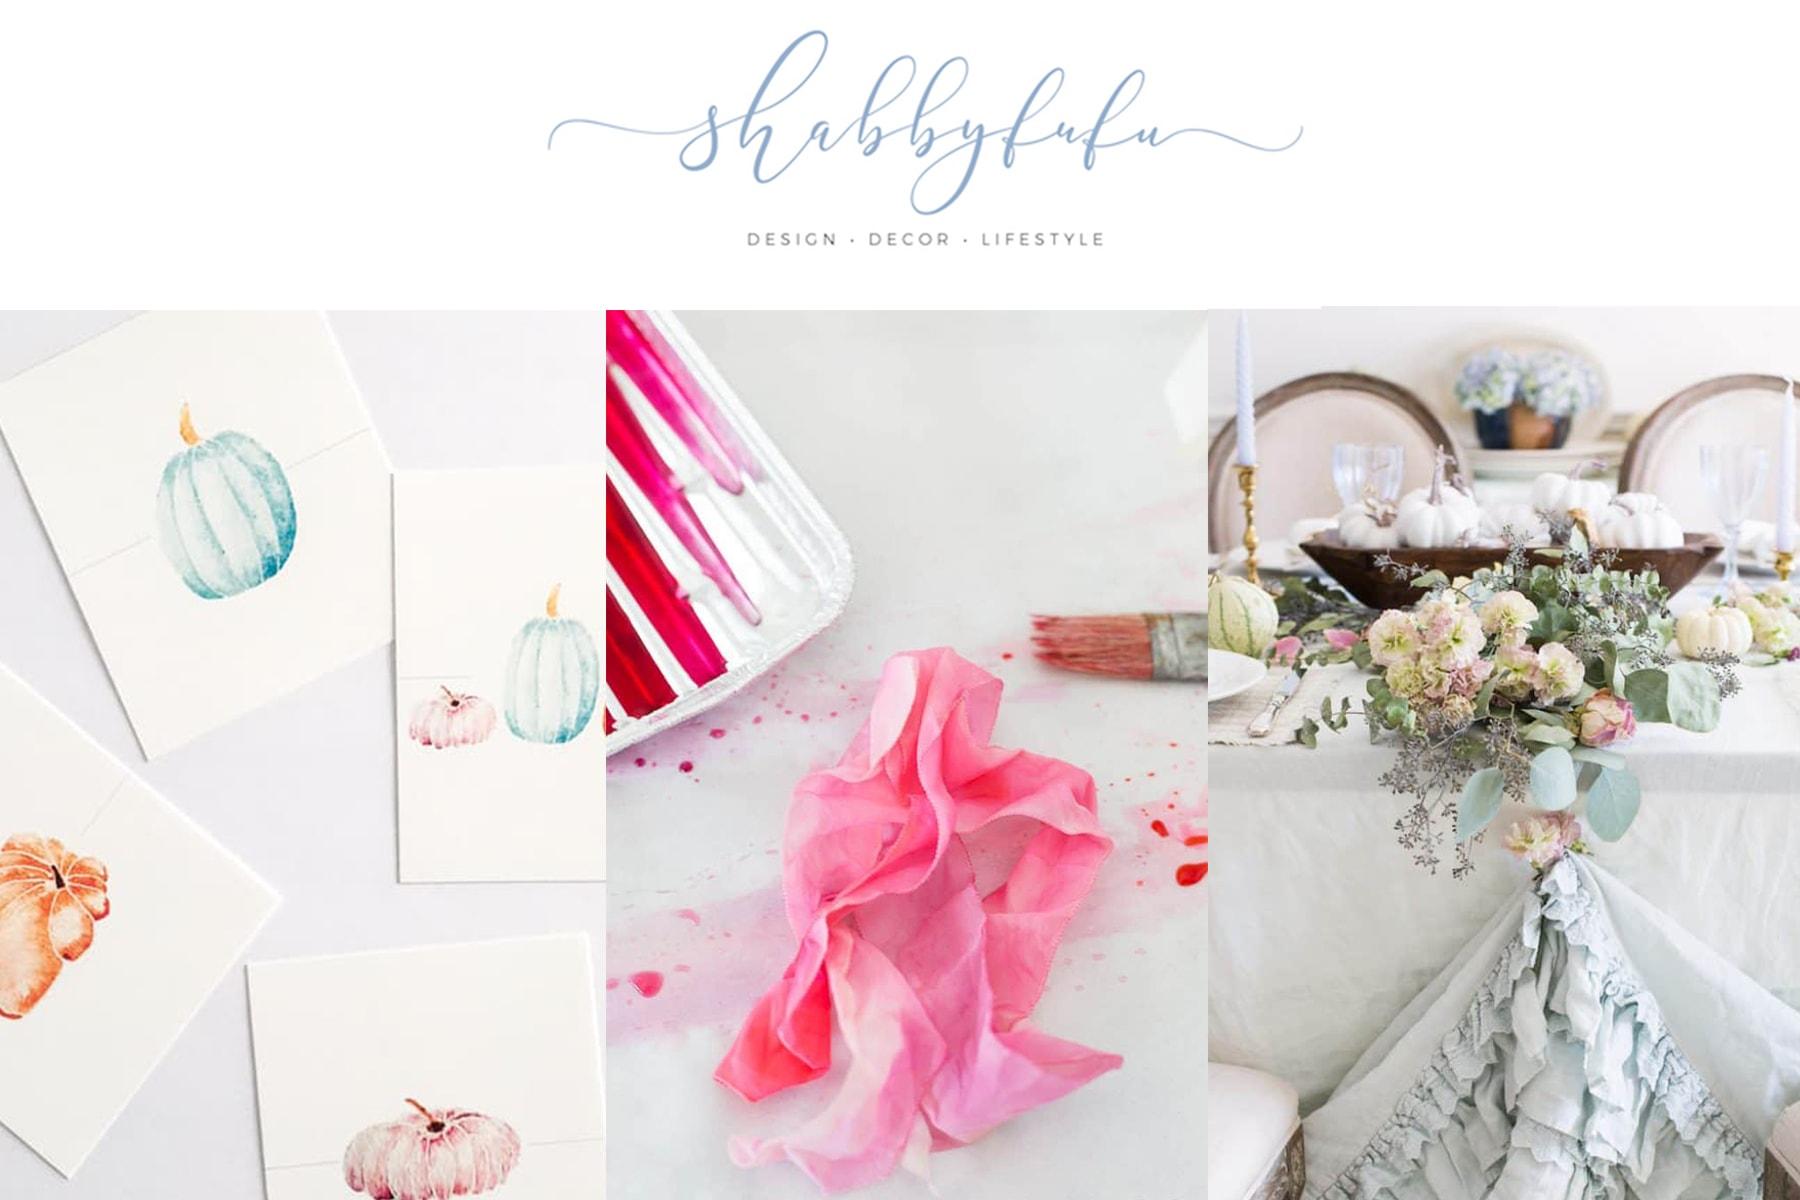 Style Showcase 48 - Shabbyfufu